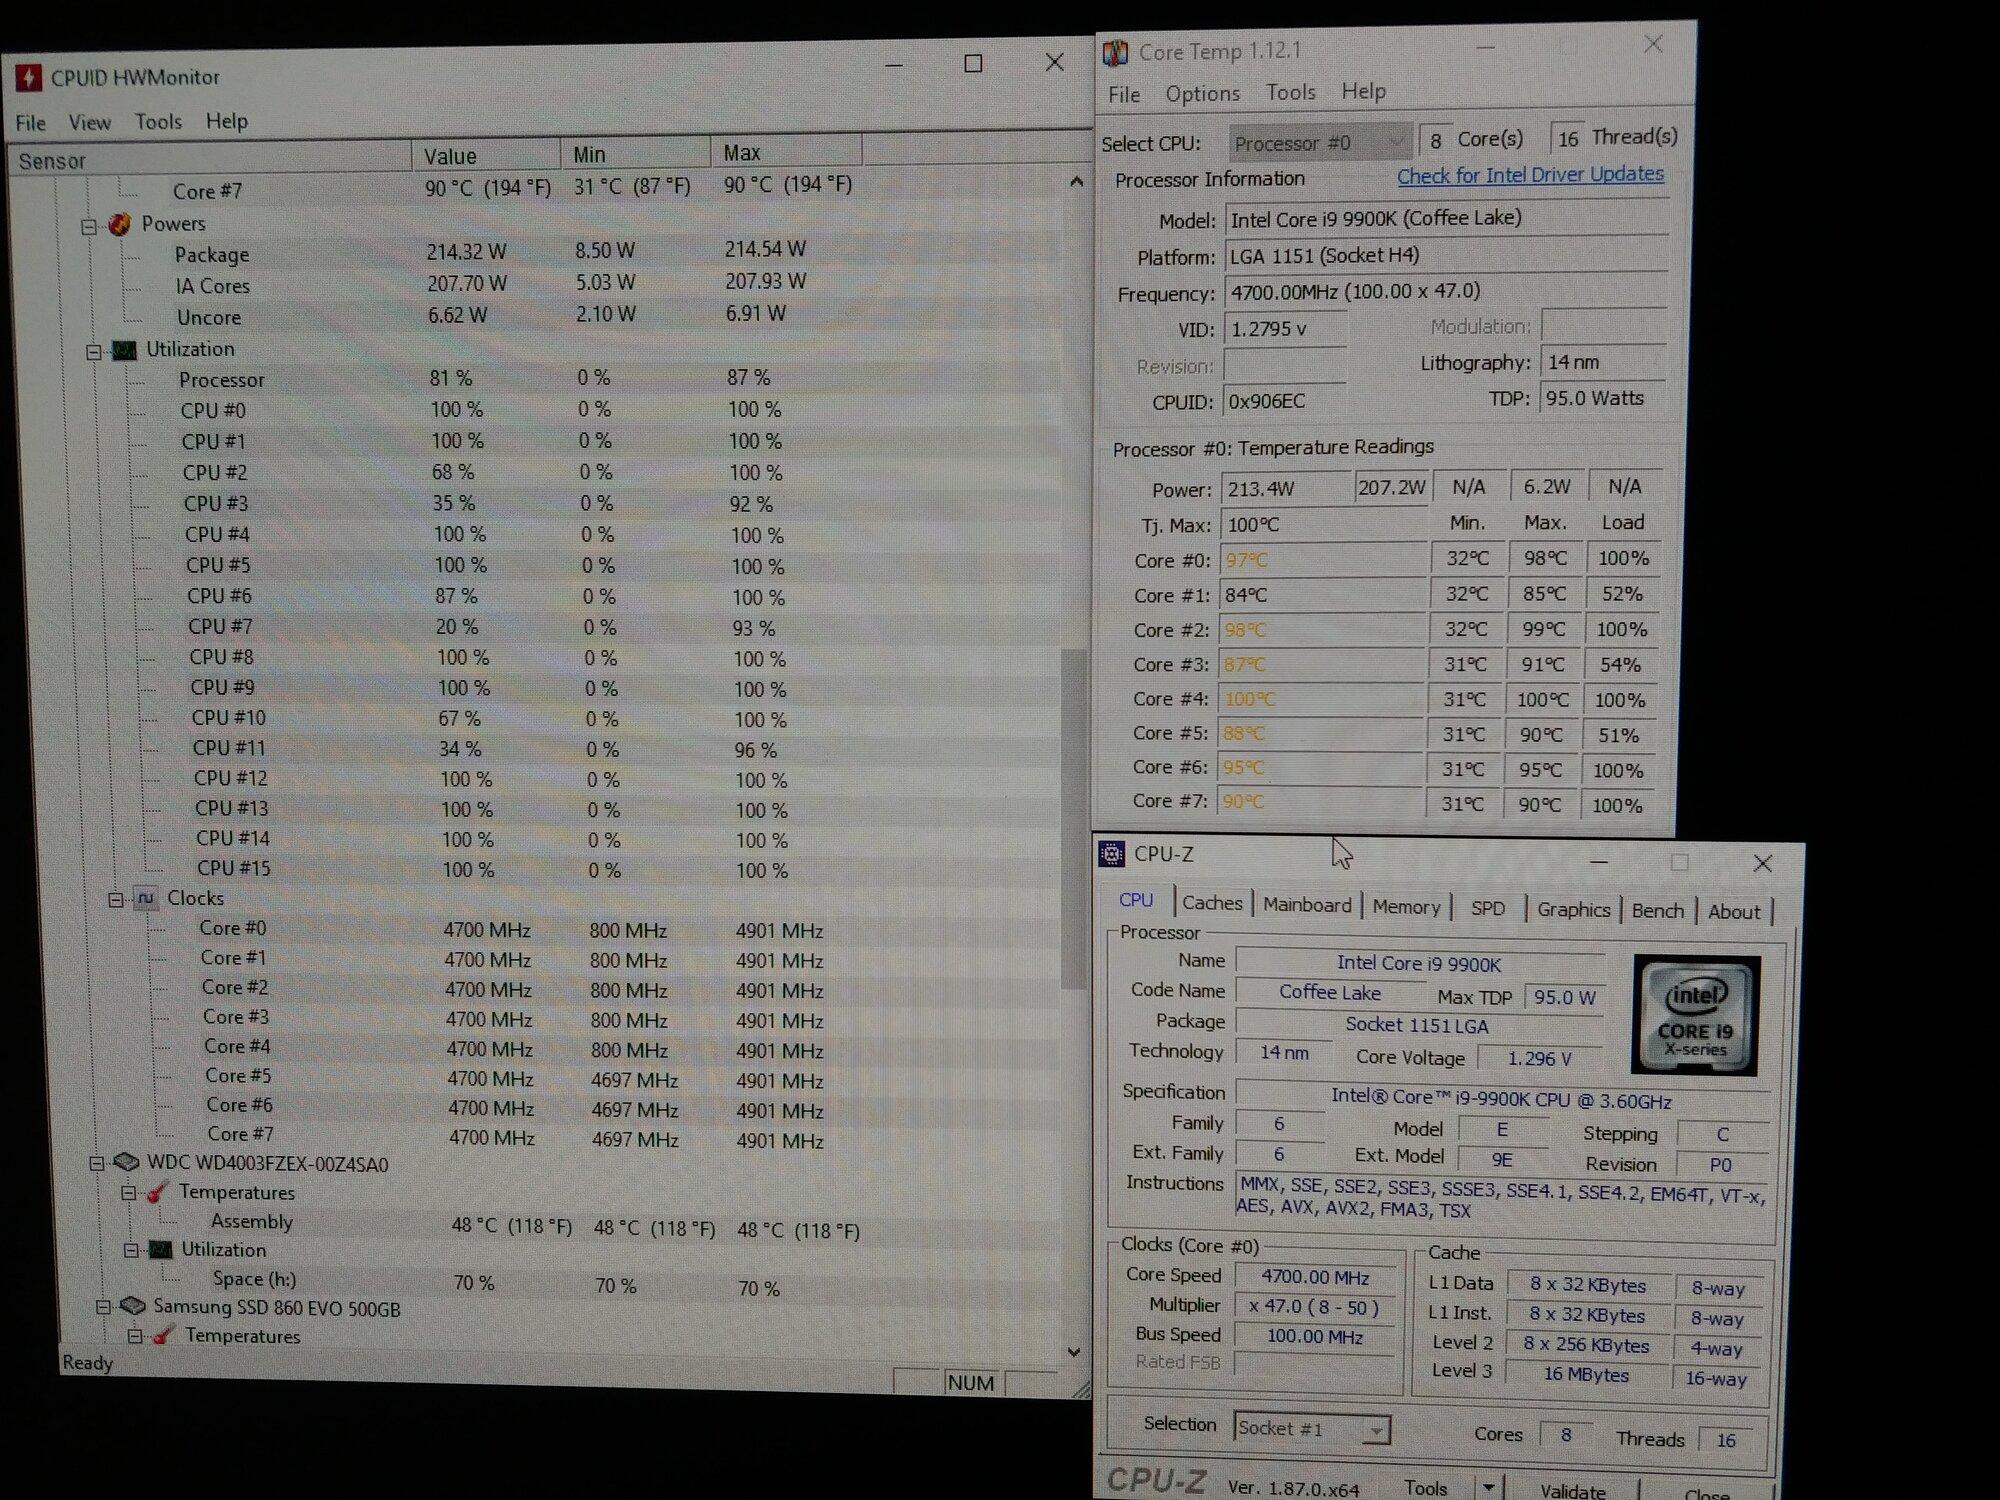 9900k results - worried | [H]ard|Forum